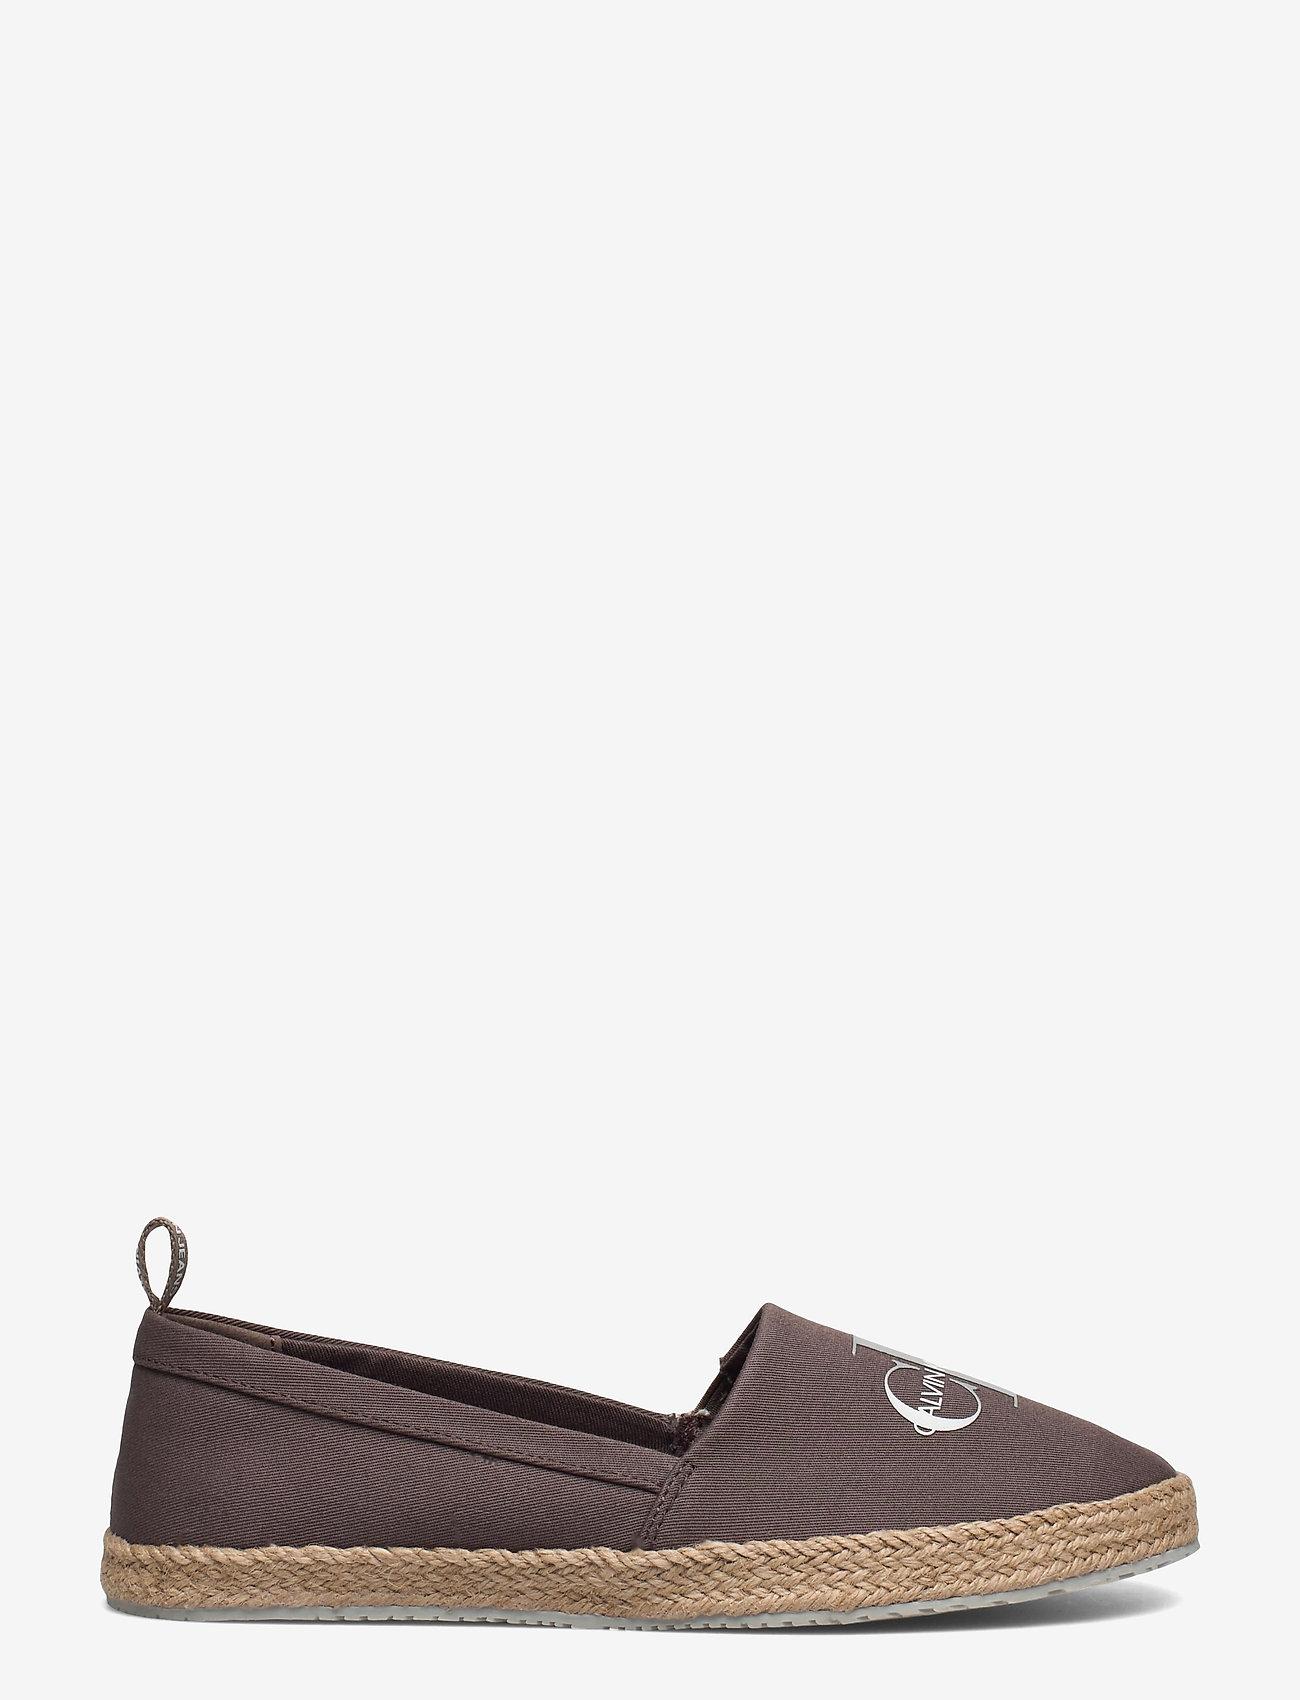 Calvin Klein - ESPADRILLE PRINTED CO - platta espadriller - dusty brown - 1